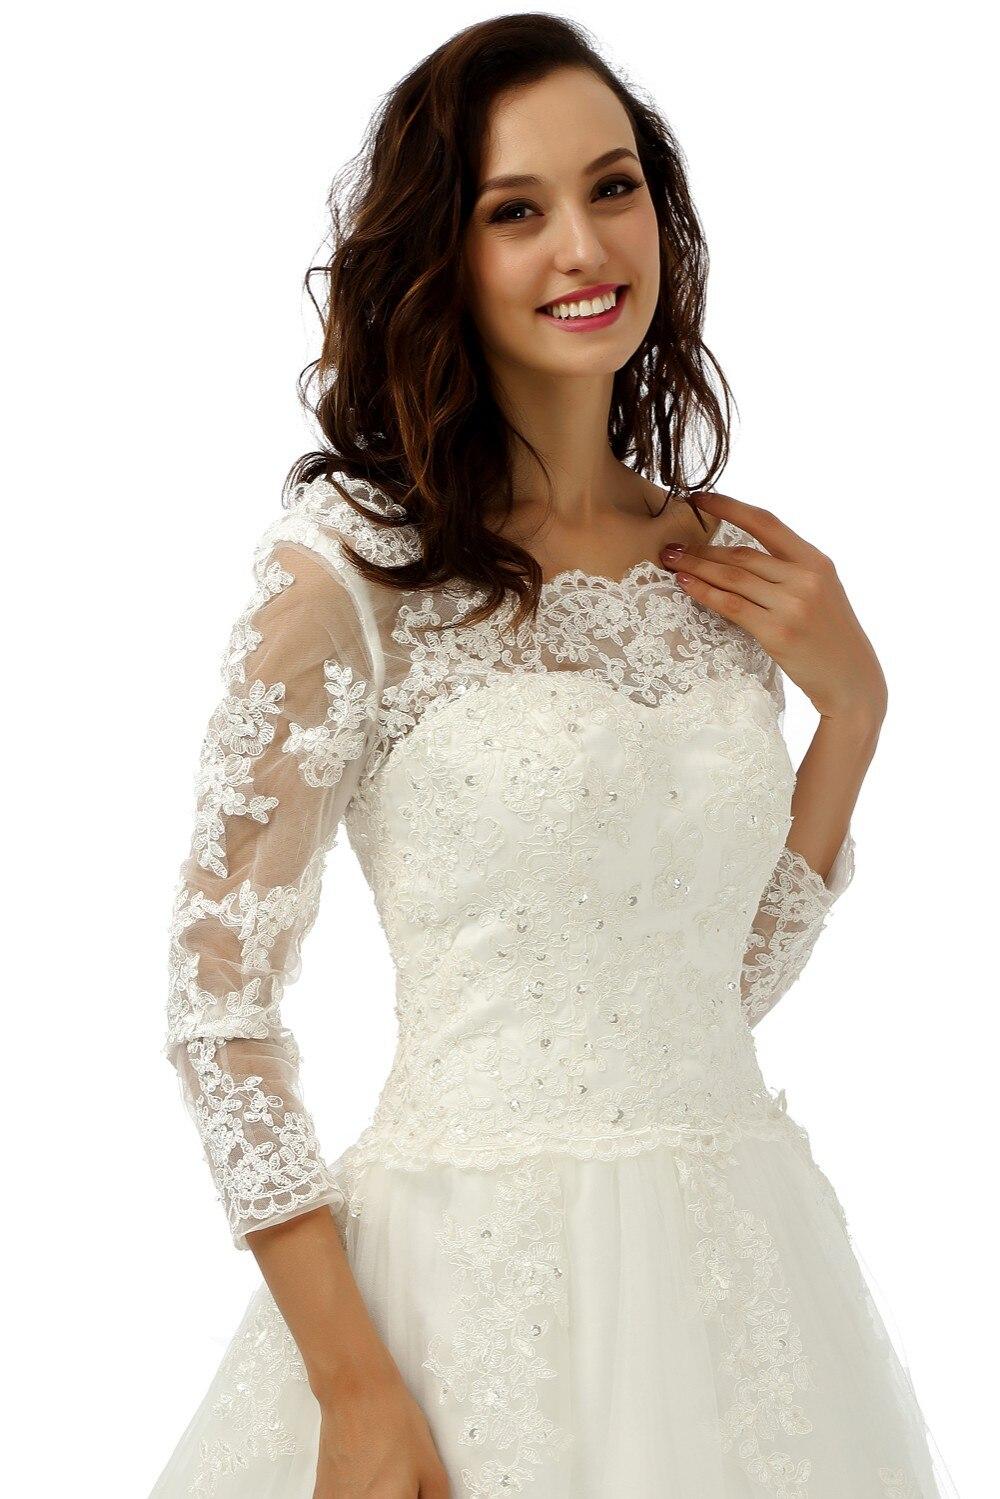 Berühmt Spitze 3 4 Hülse Hochzeitskleid Fotos - Hochzeit Kleid Stile ...